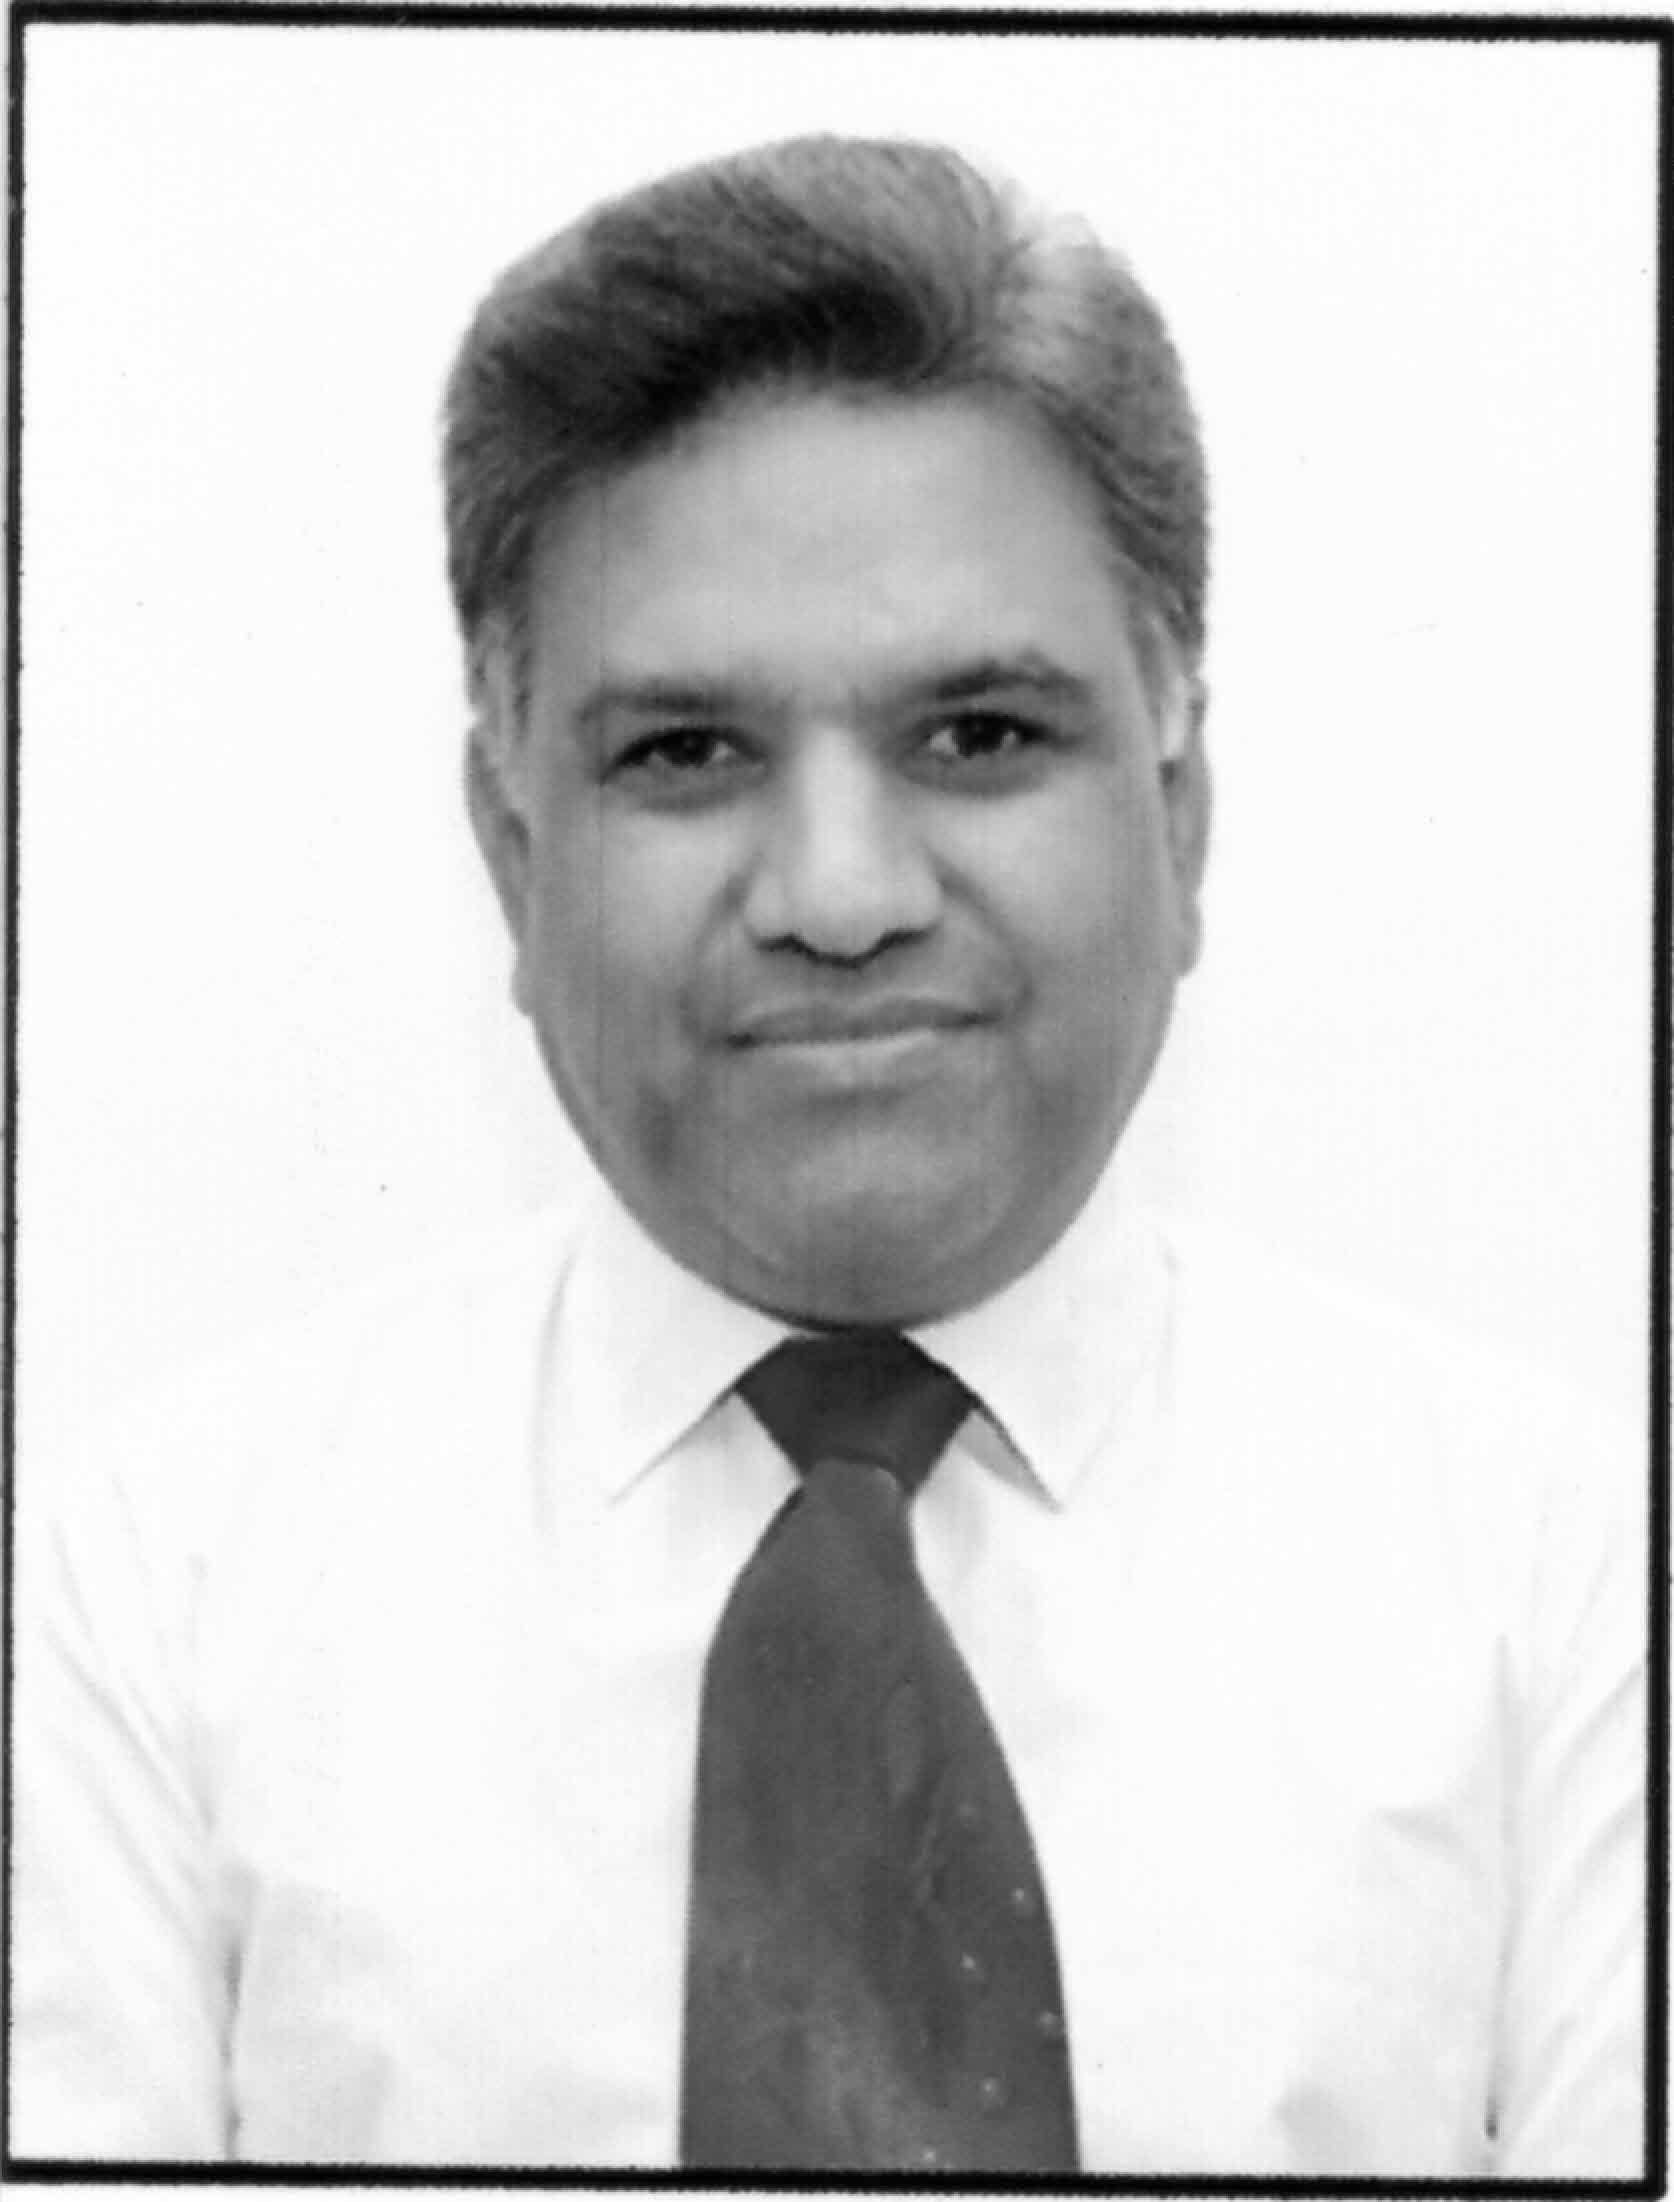 Mr. Ashok Kumar Jain